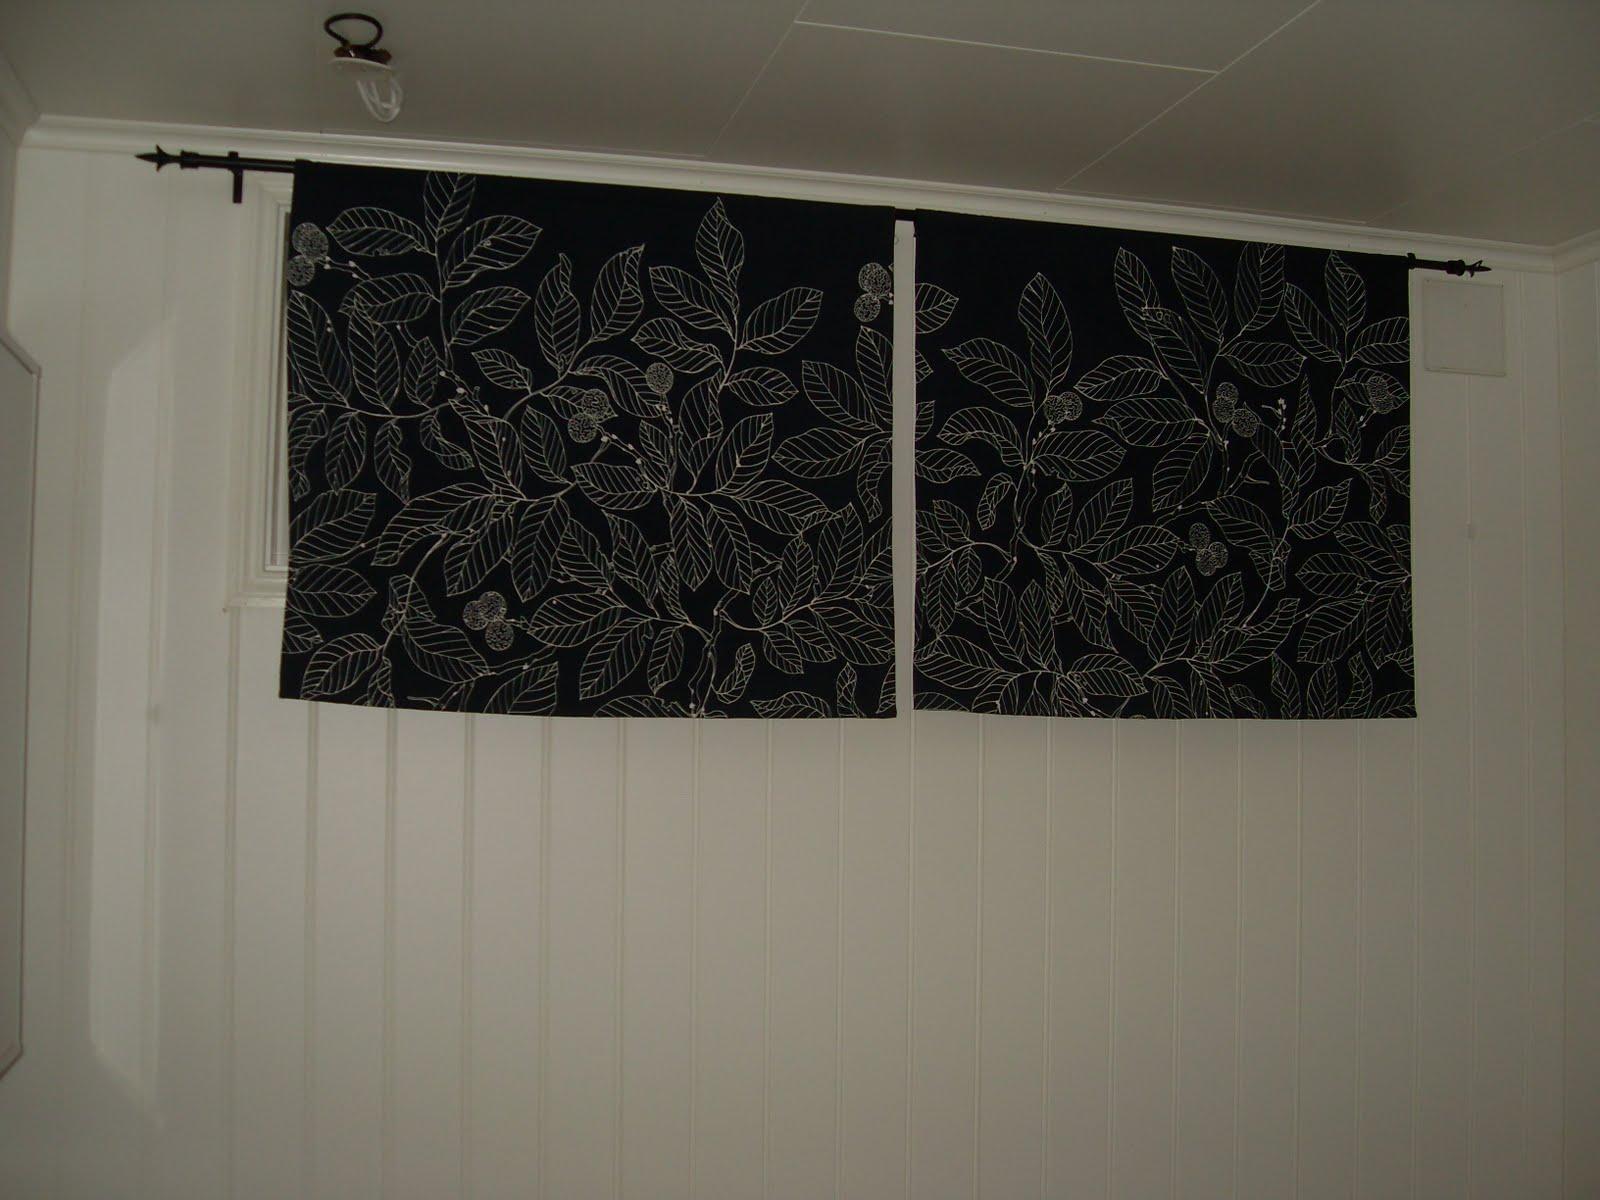 cizza s hobbyblogg gardiner til boden i kjellern. Black Bedroom Furniture Sets. Home Design Ideas